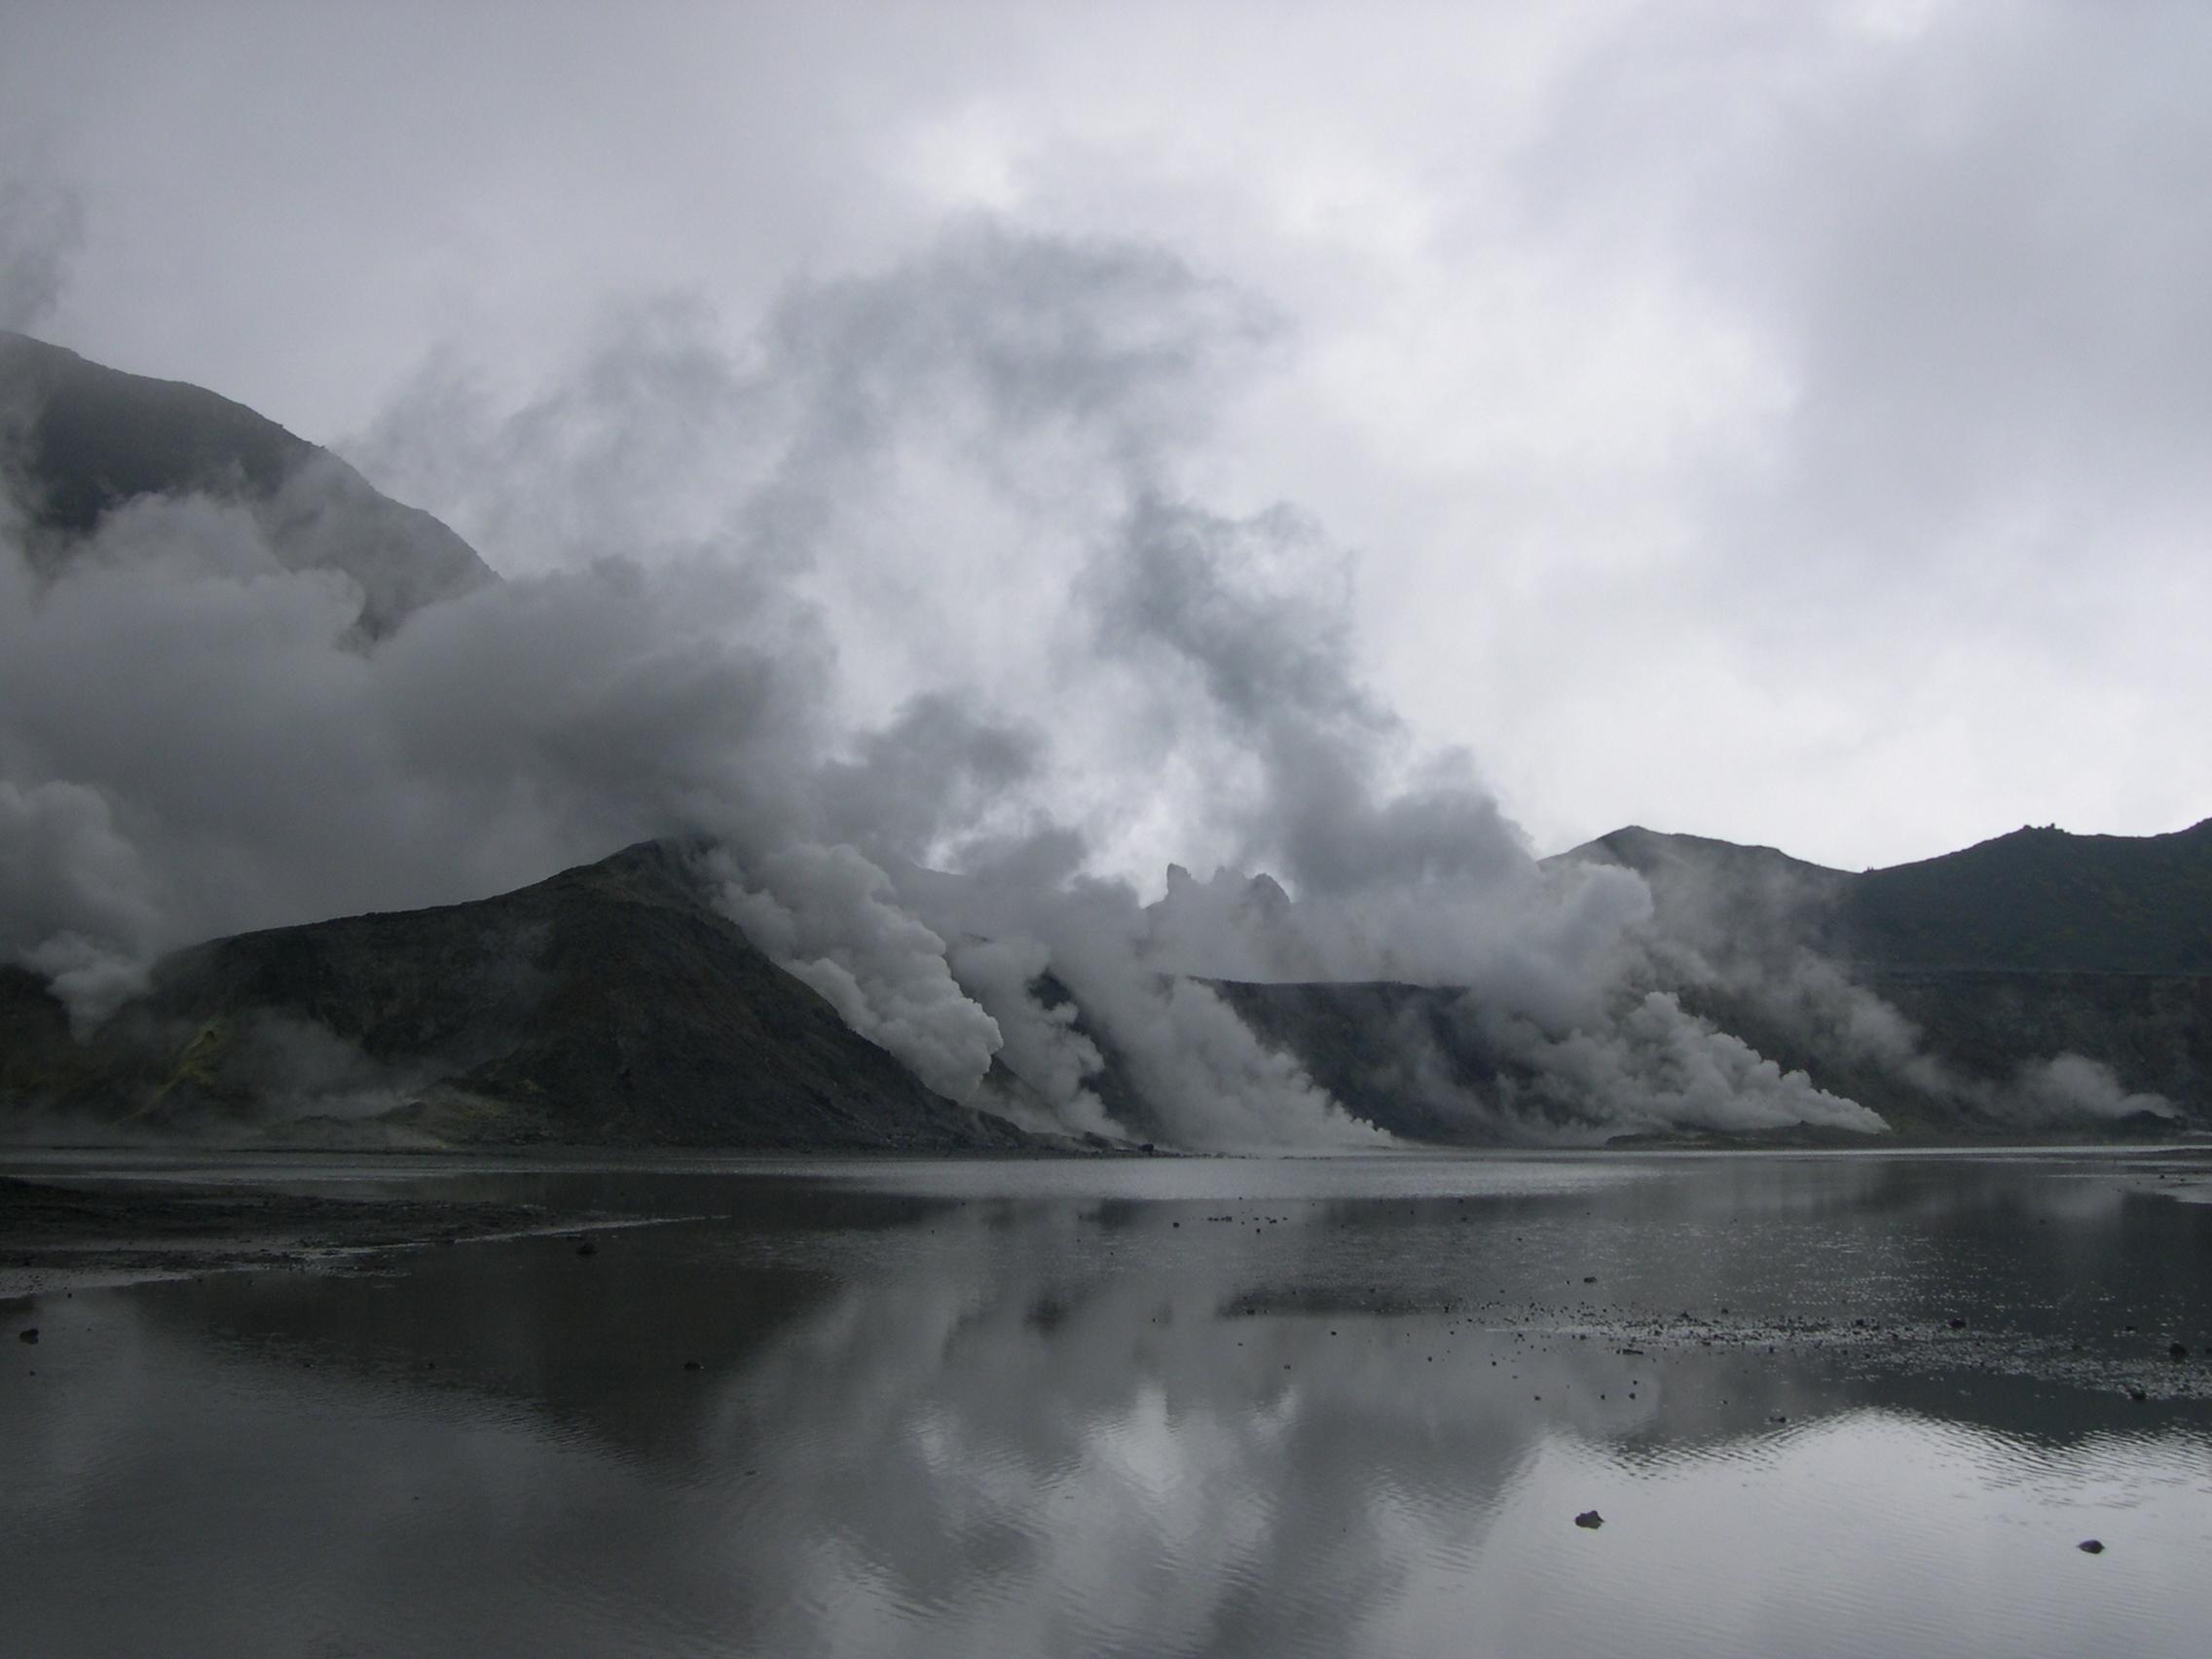 Choragraphies 1 – Gunung Kaba (Sumatra), un champ d'expérimentation pour les spéculations métaphysiques ?